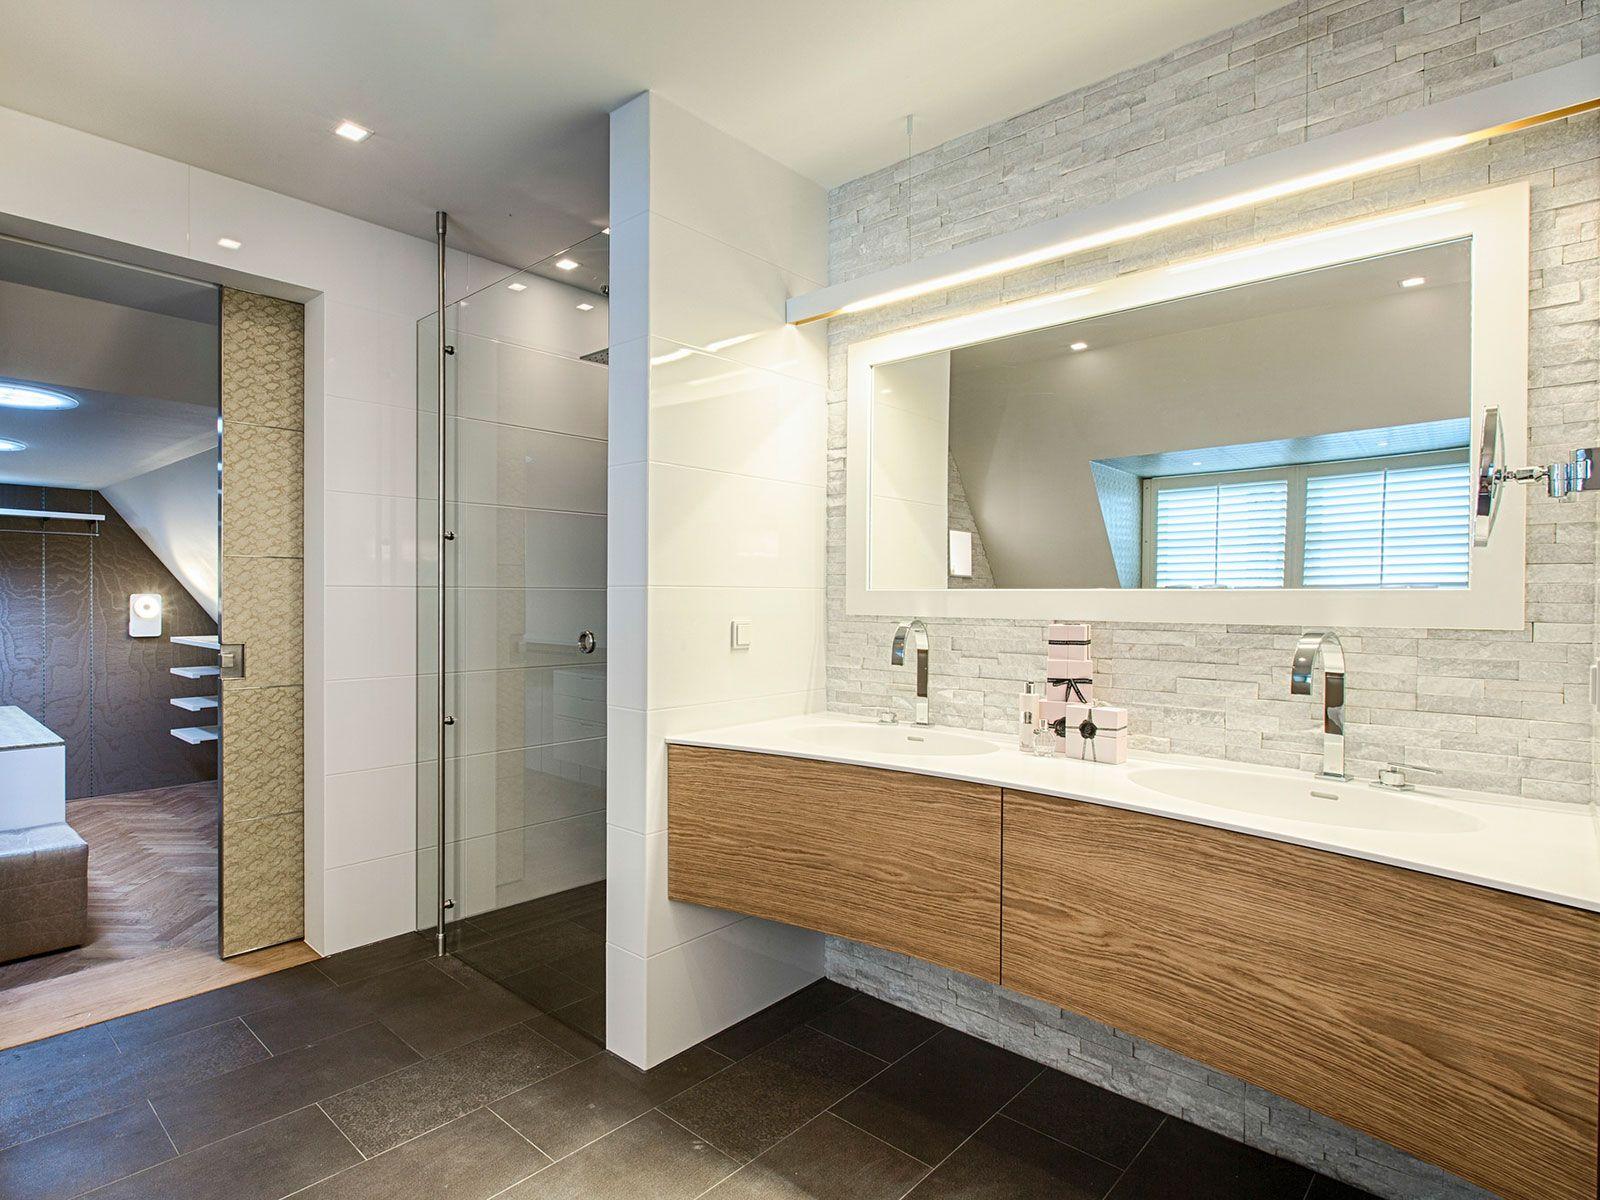 Wasbak Badkamer Plaatsen : Badkamerverlichting: enkele tips